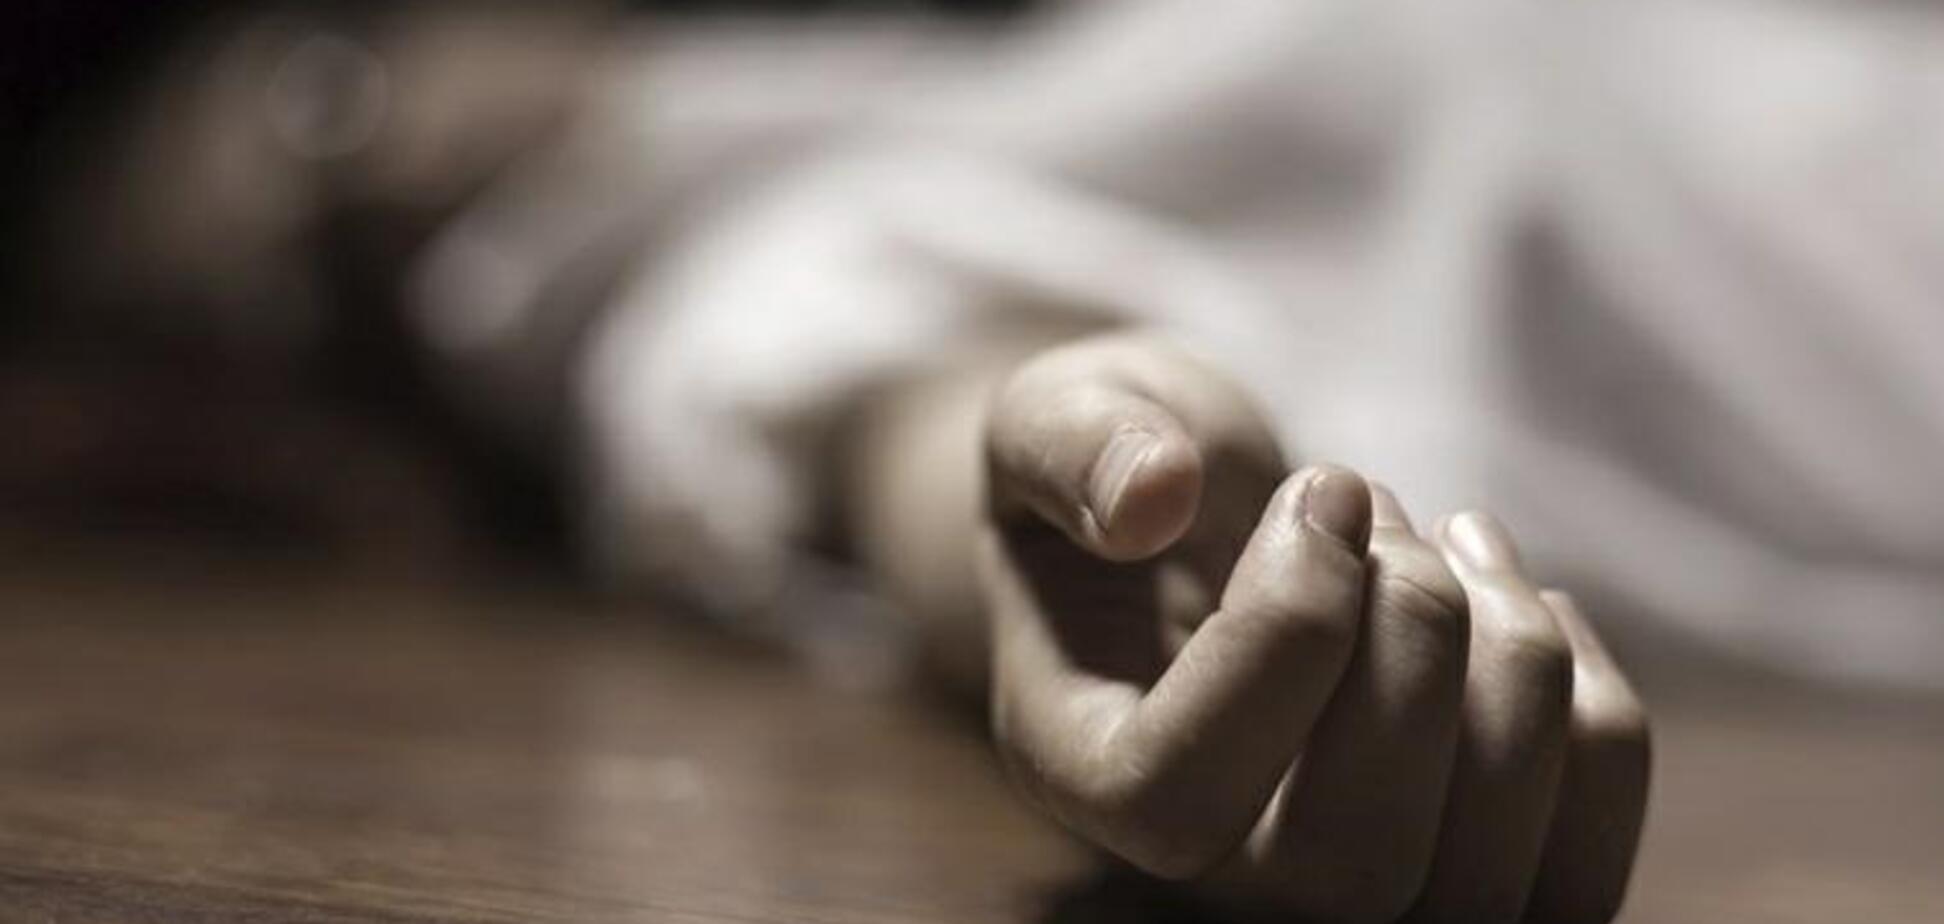 Лежала в калюжі крові: на Дніпропетровщині чоловік забив до смерті жінку